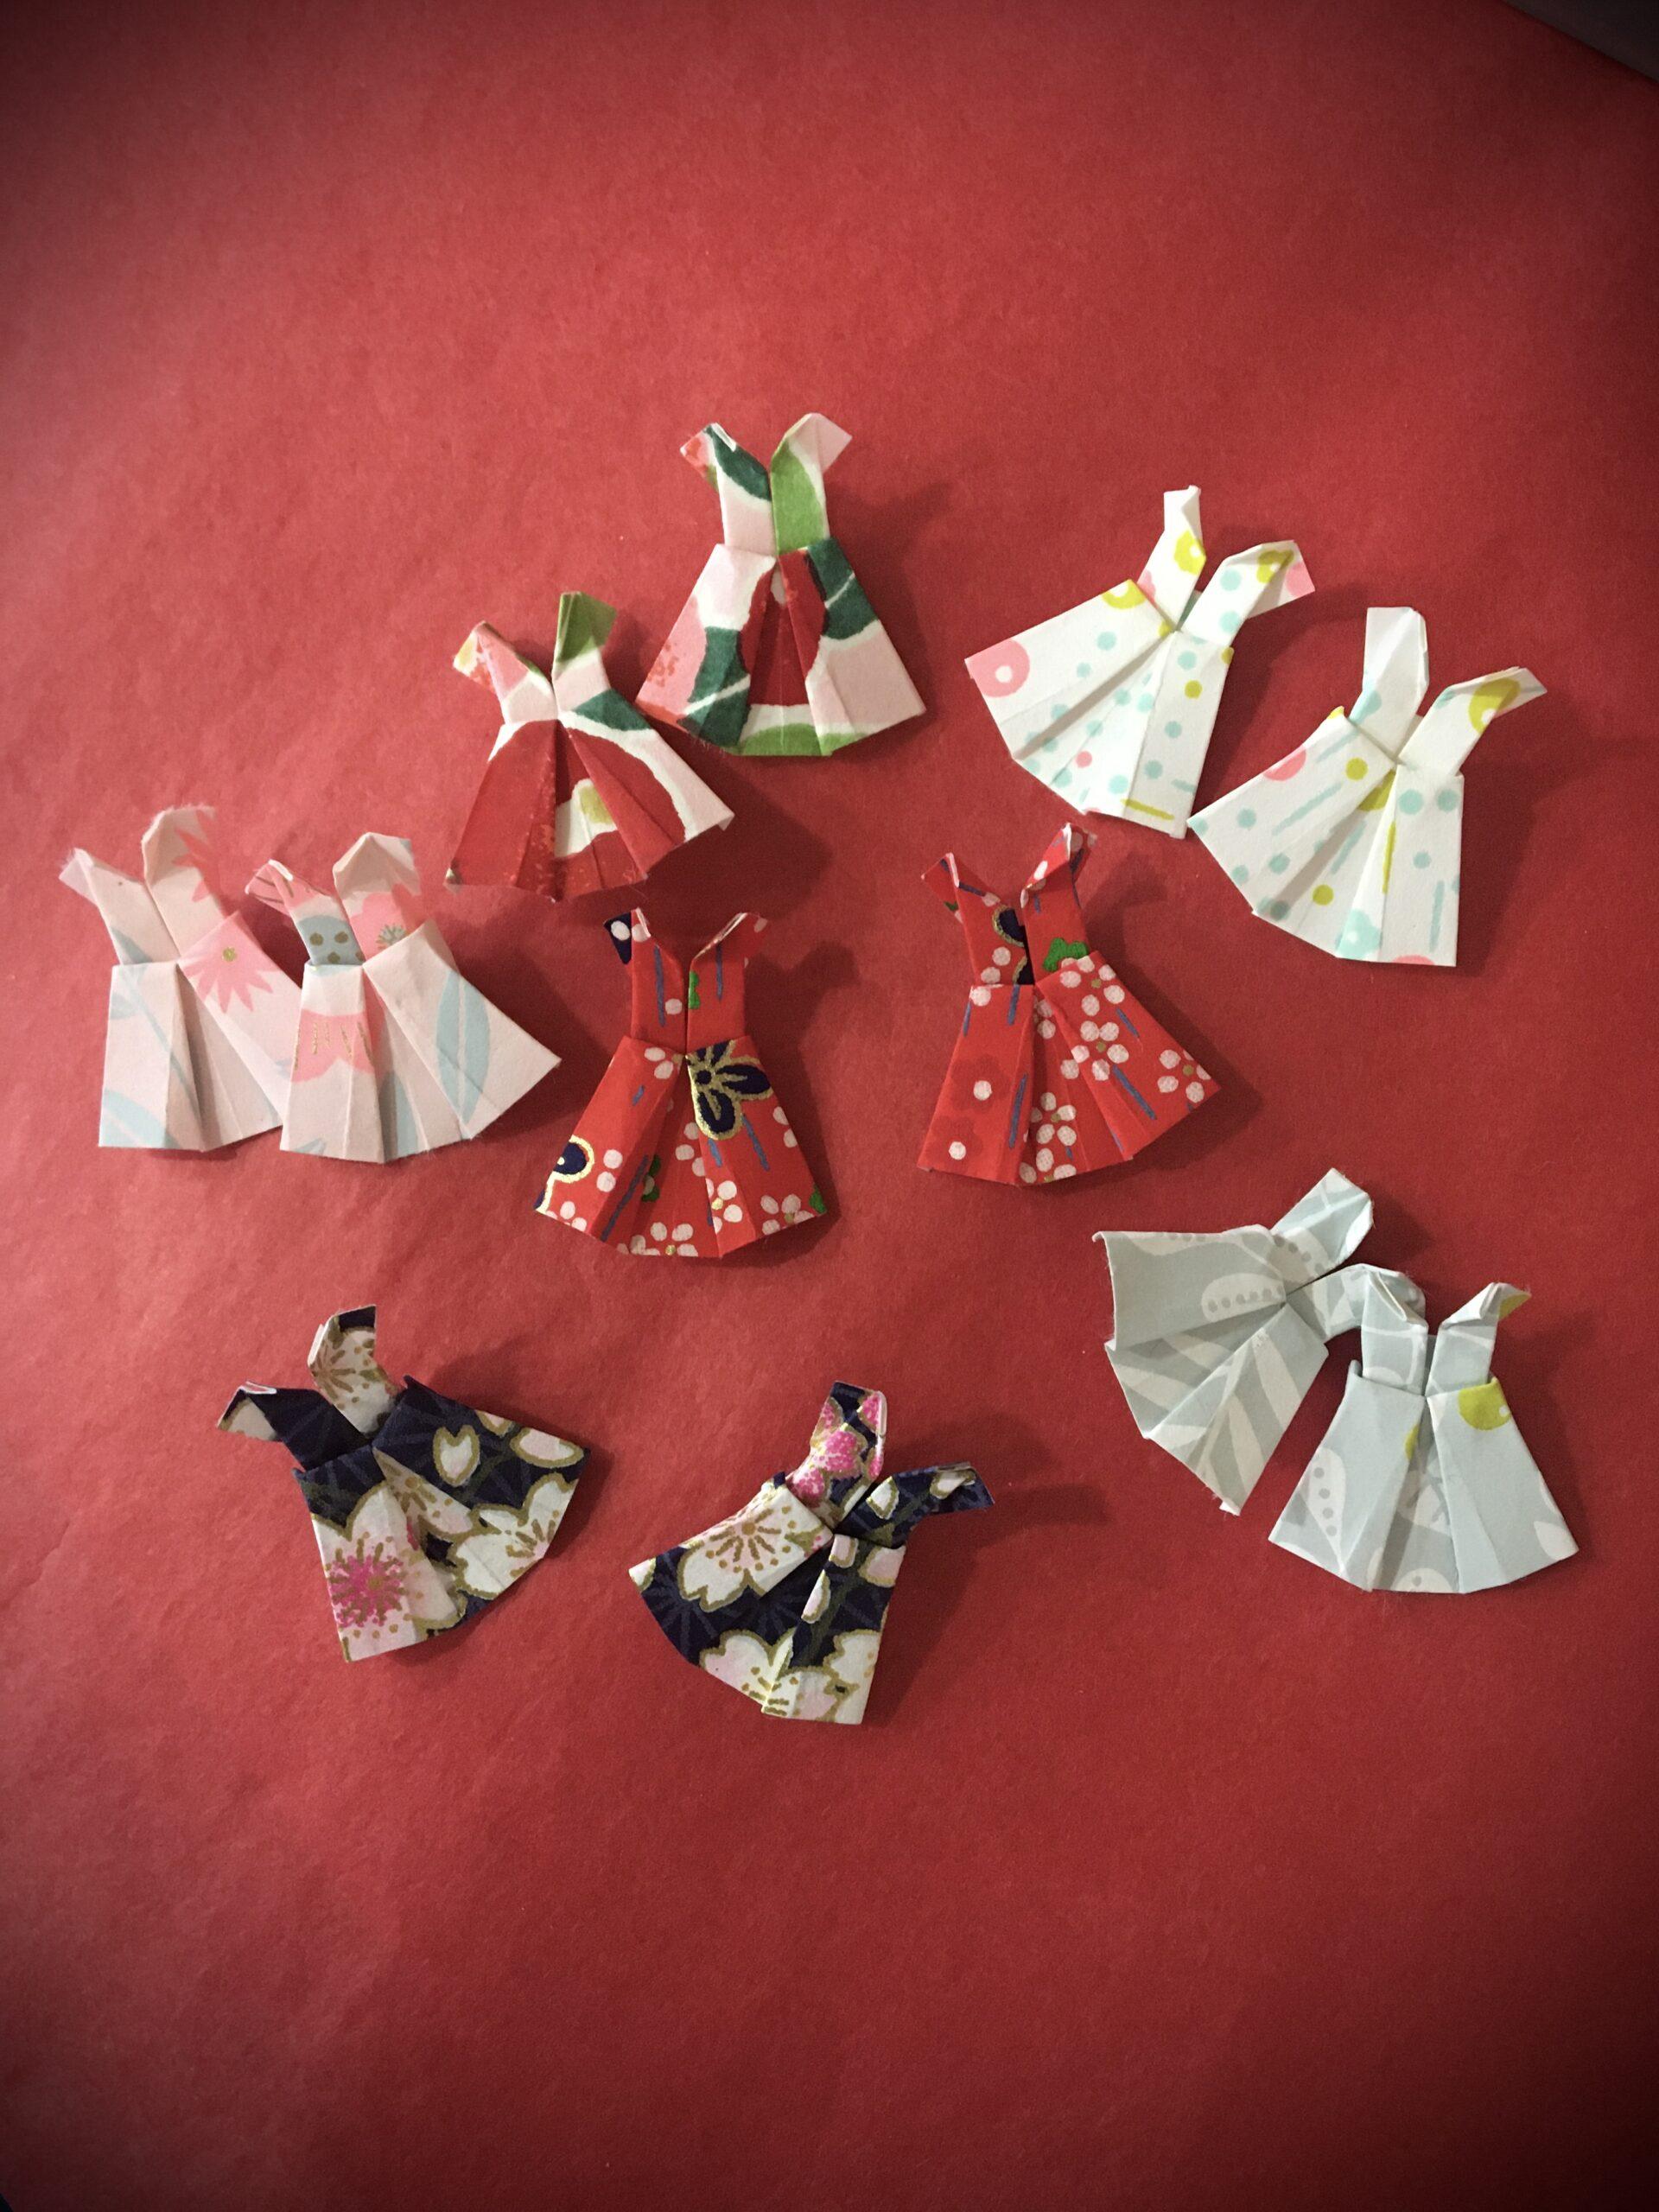 Jessica paterne clemica artisanat d'art artiste en creuse bijoux origami boucles d'oreilles robes origami